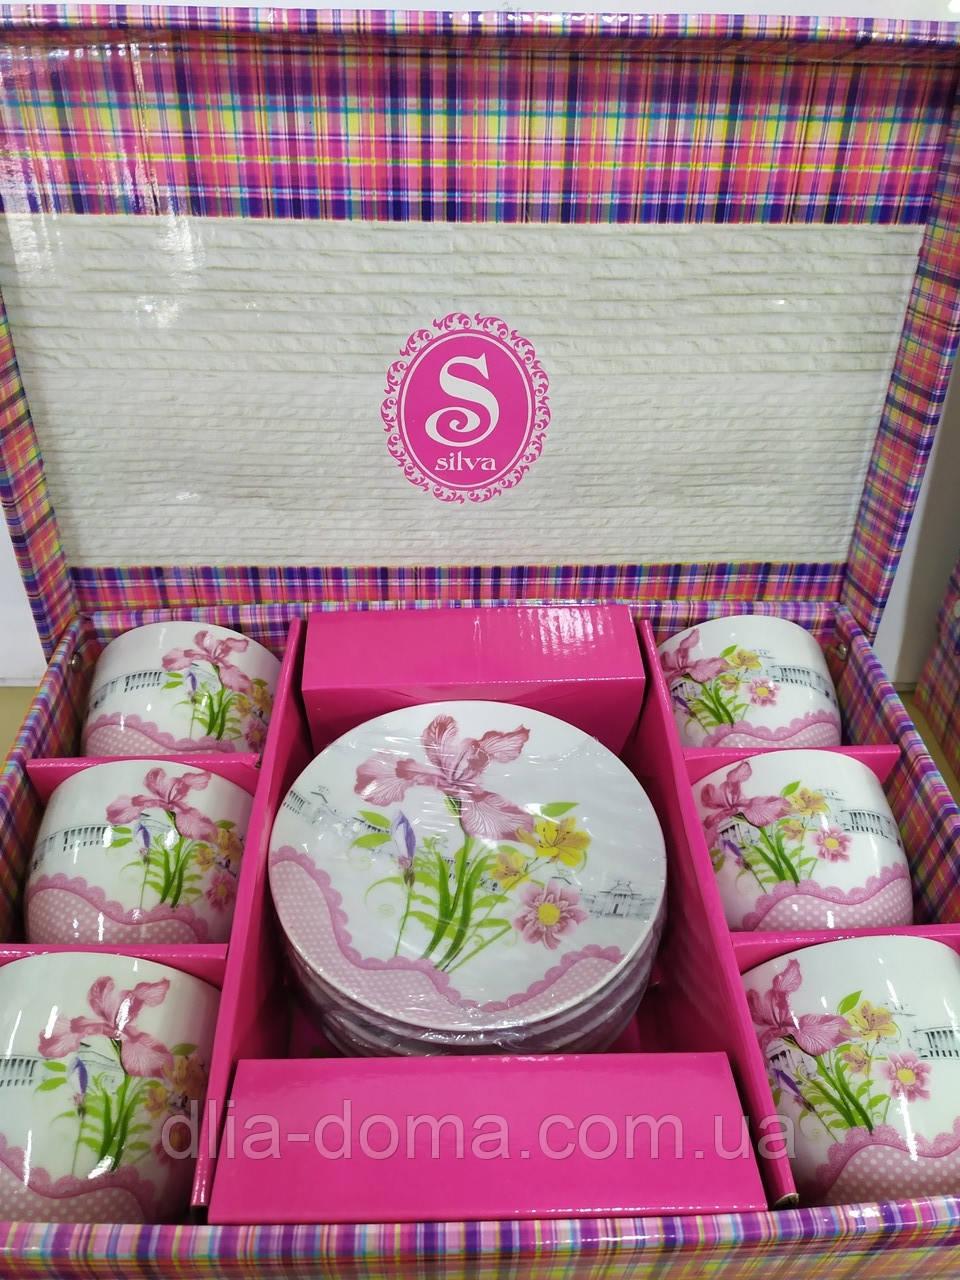 Сервиз чайный 12 предметов Цветы